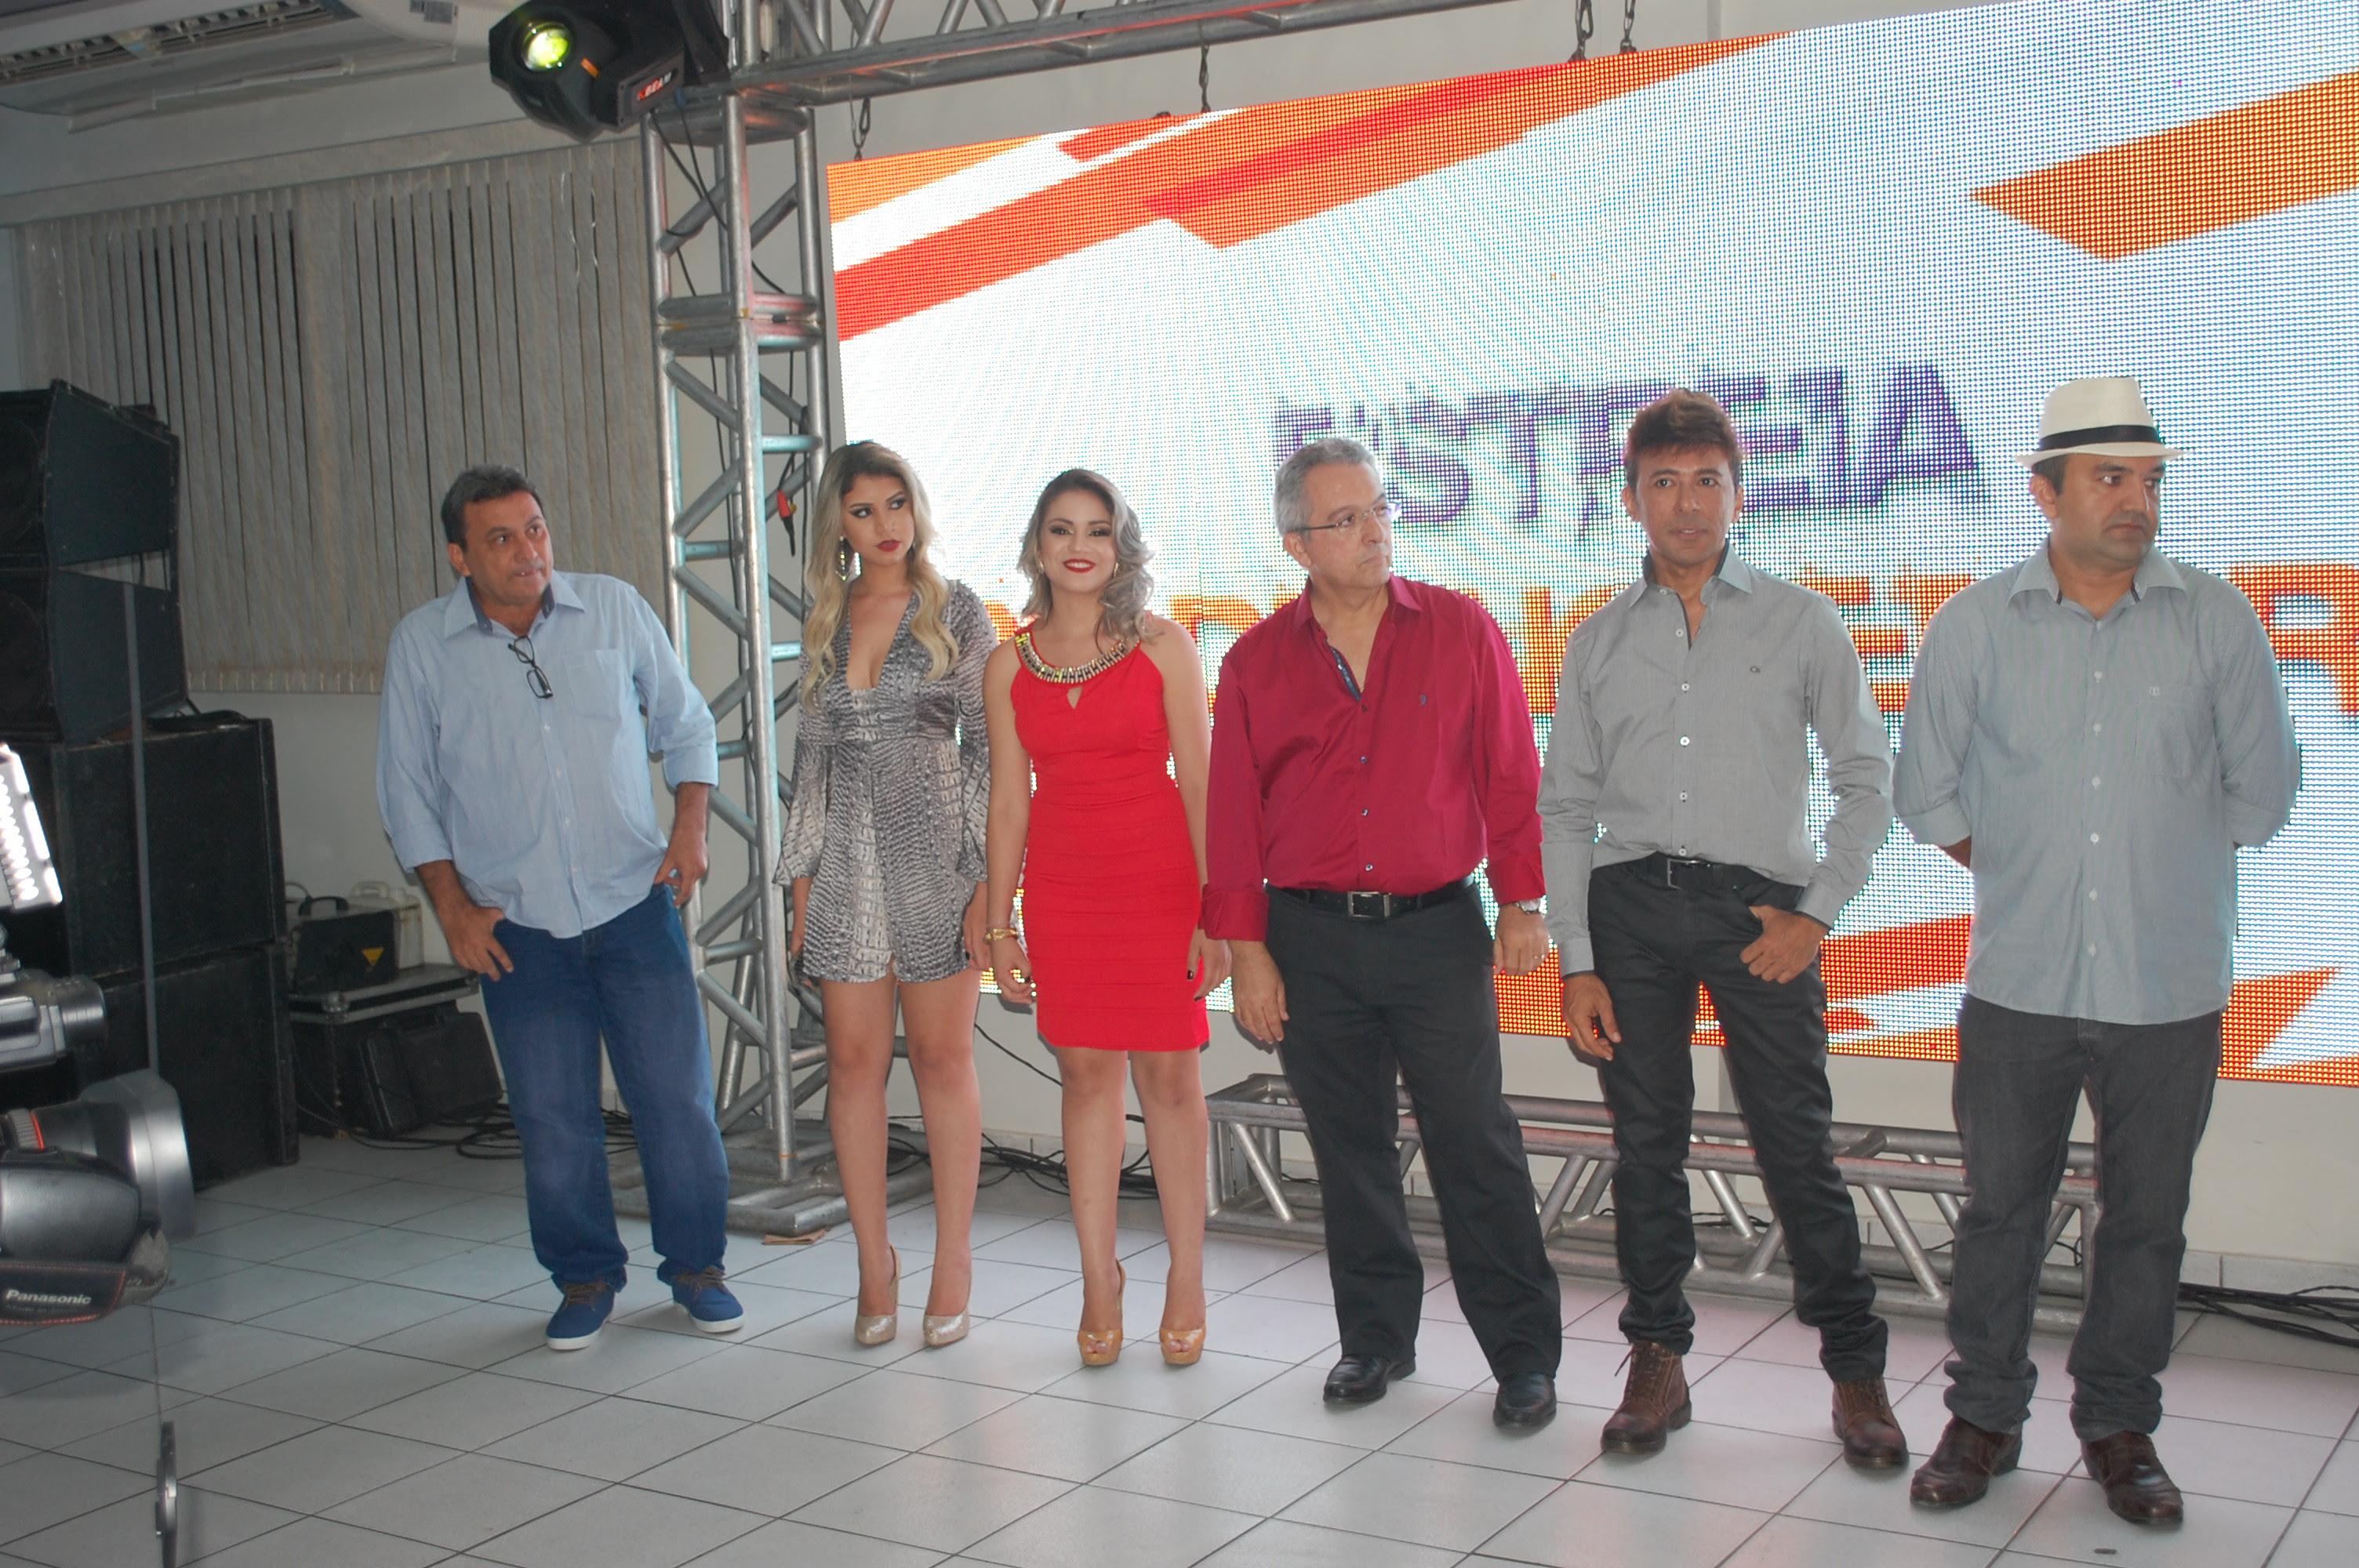 Derosse Mota, Andressa Tchely, Mara Dias, Dr. Gerson Barbosa, Gilvan Santos e Jasiel Medeiros